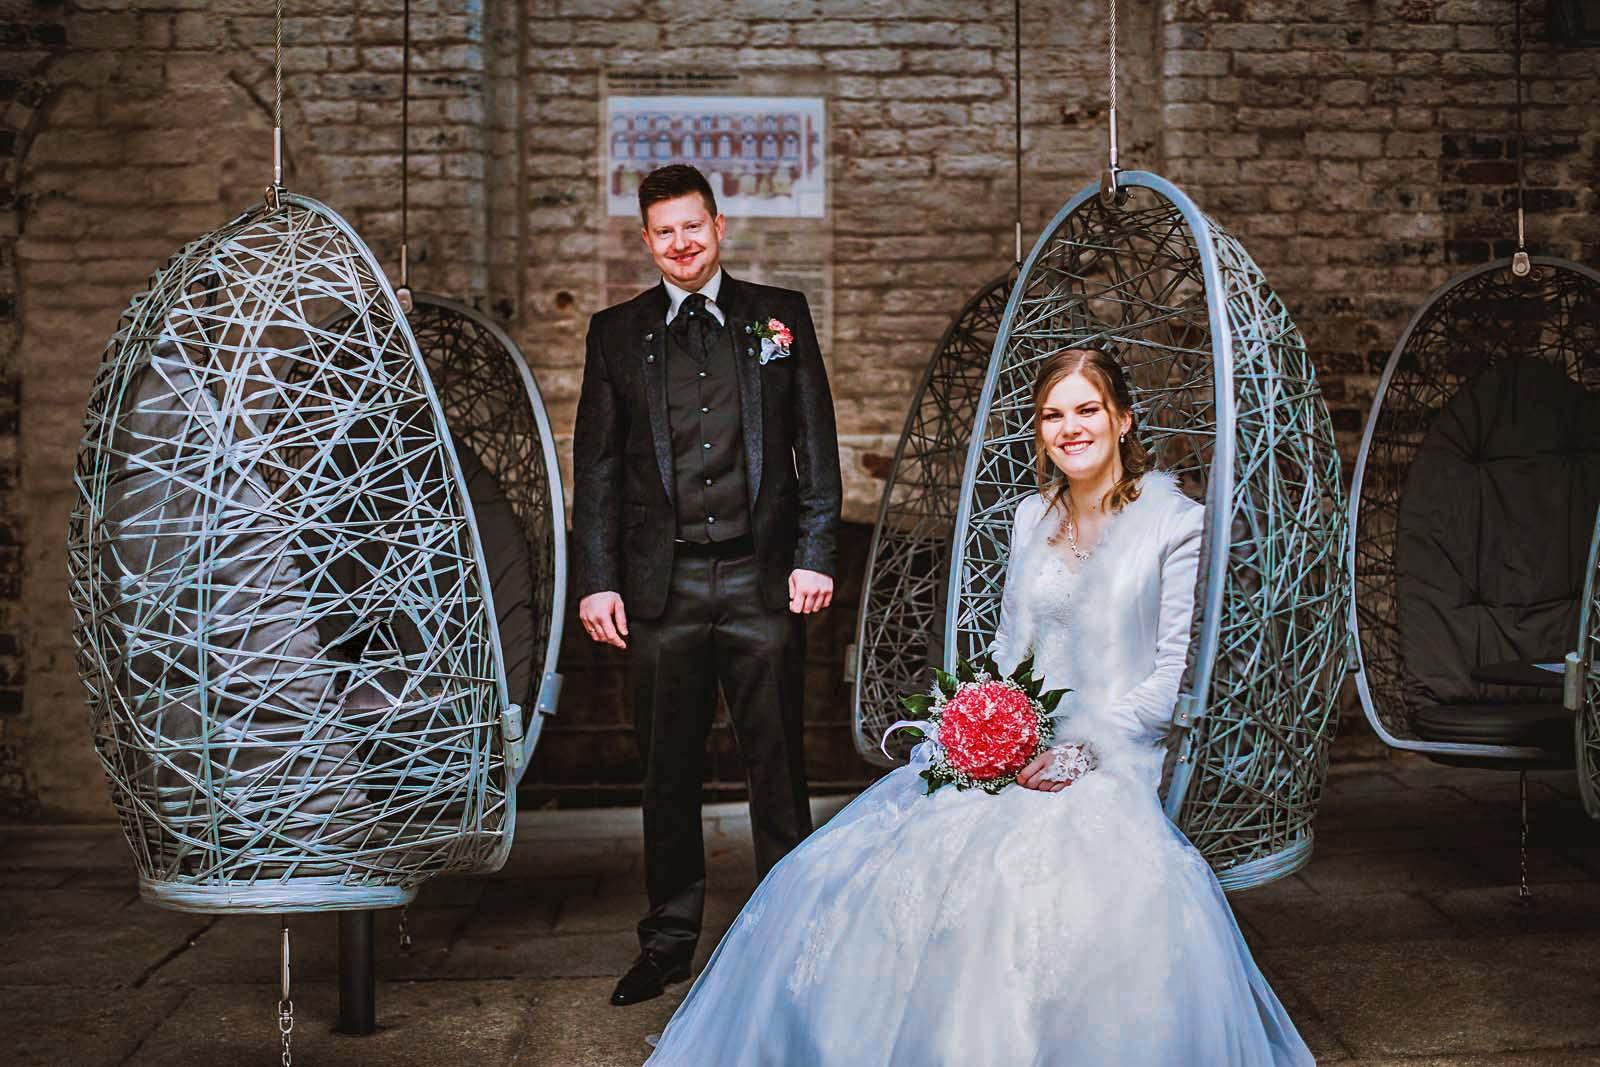 Hochzeitsfotograf fotografirt ein Brautpaar in Stralsund Copyright by Hochzeitsfotograf www.berliner-hochzeitsfotografie.de